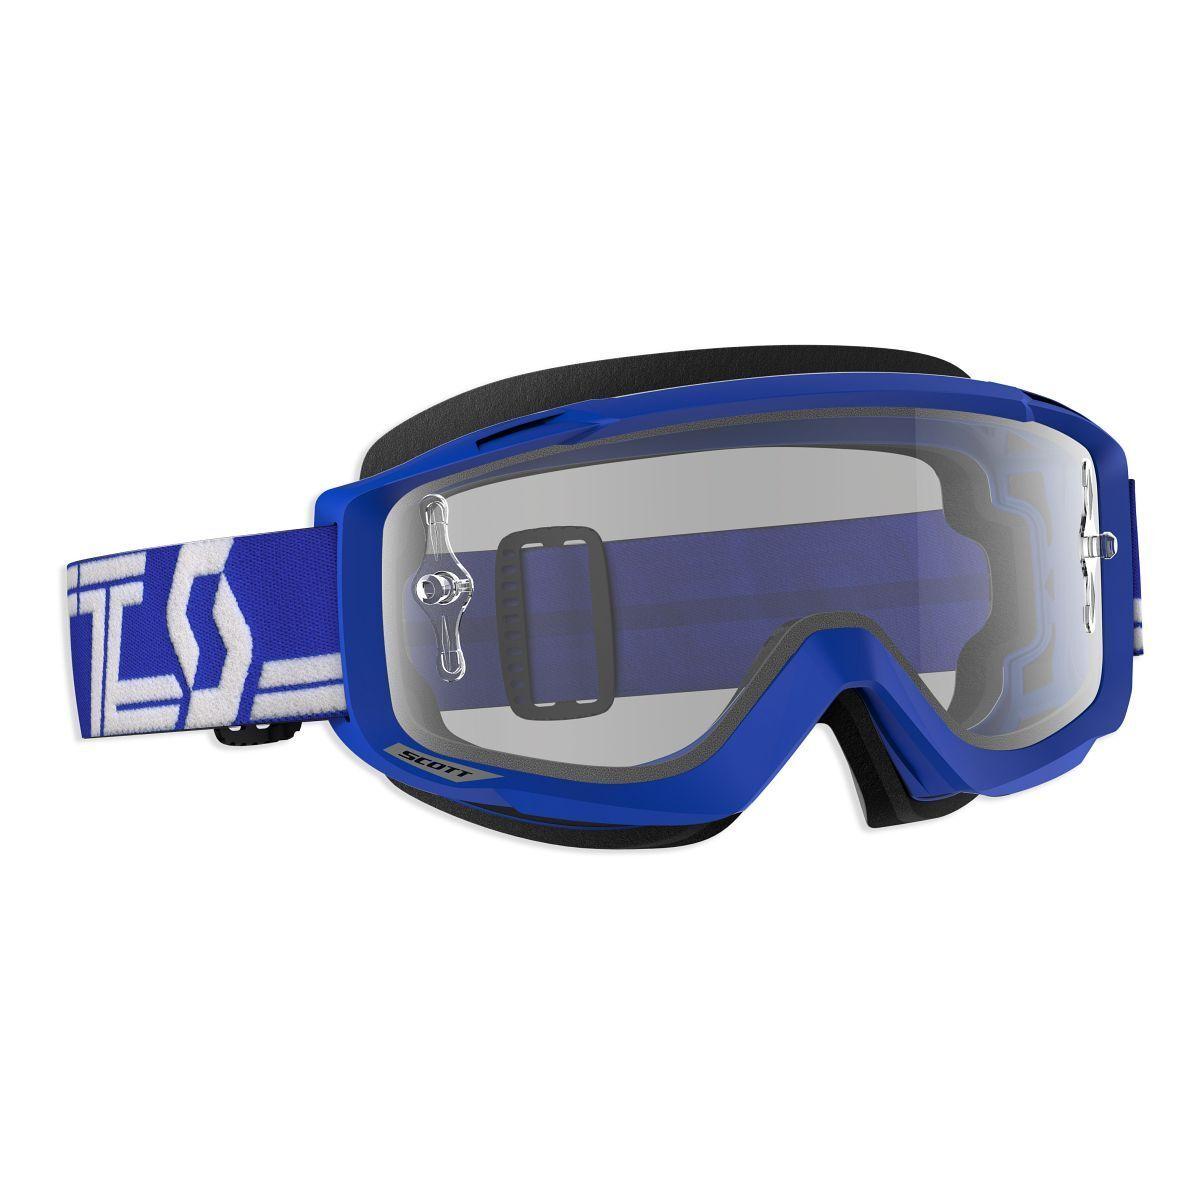 Scott Split OTG MX Goggle Cross Cross Cross MTB Brille blau klar works d86896